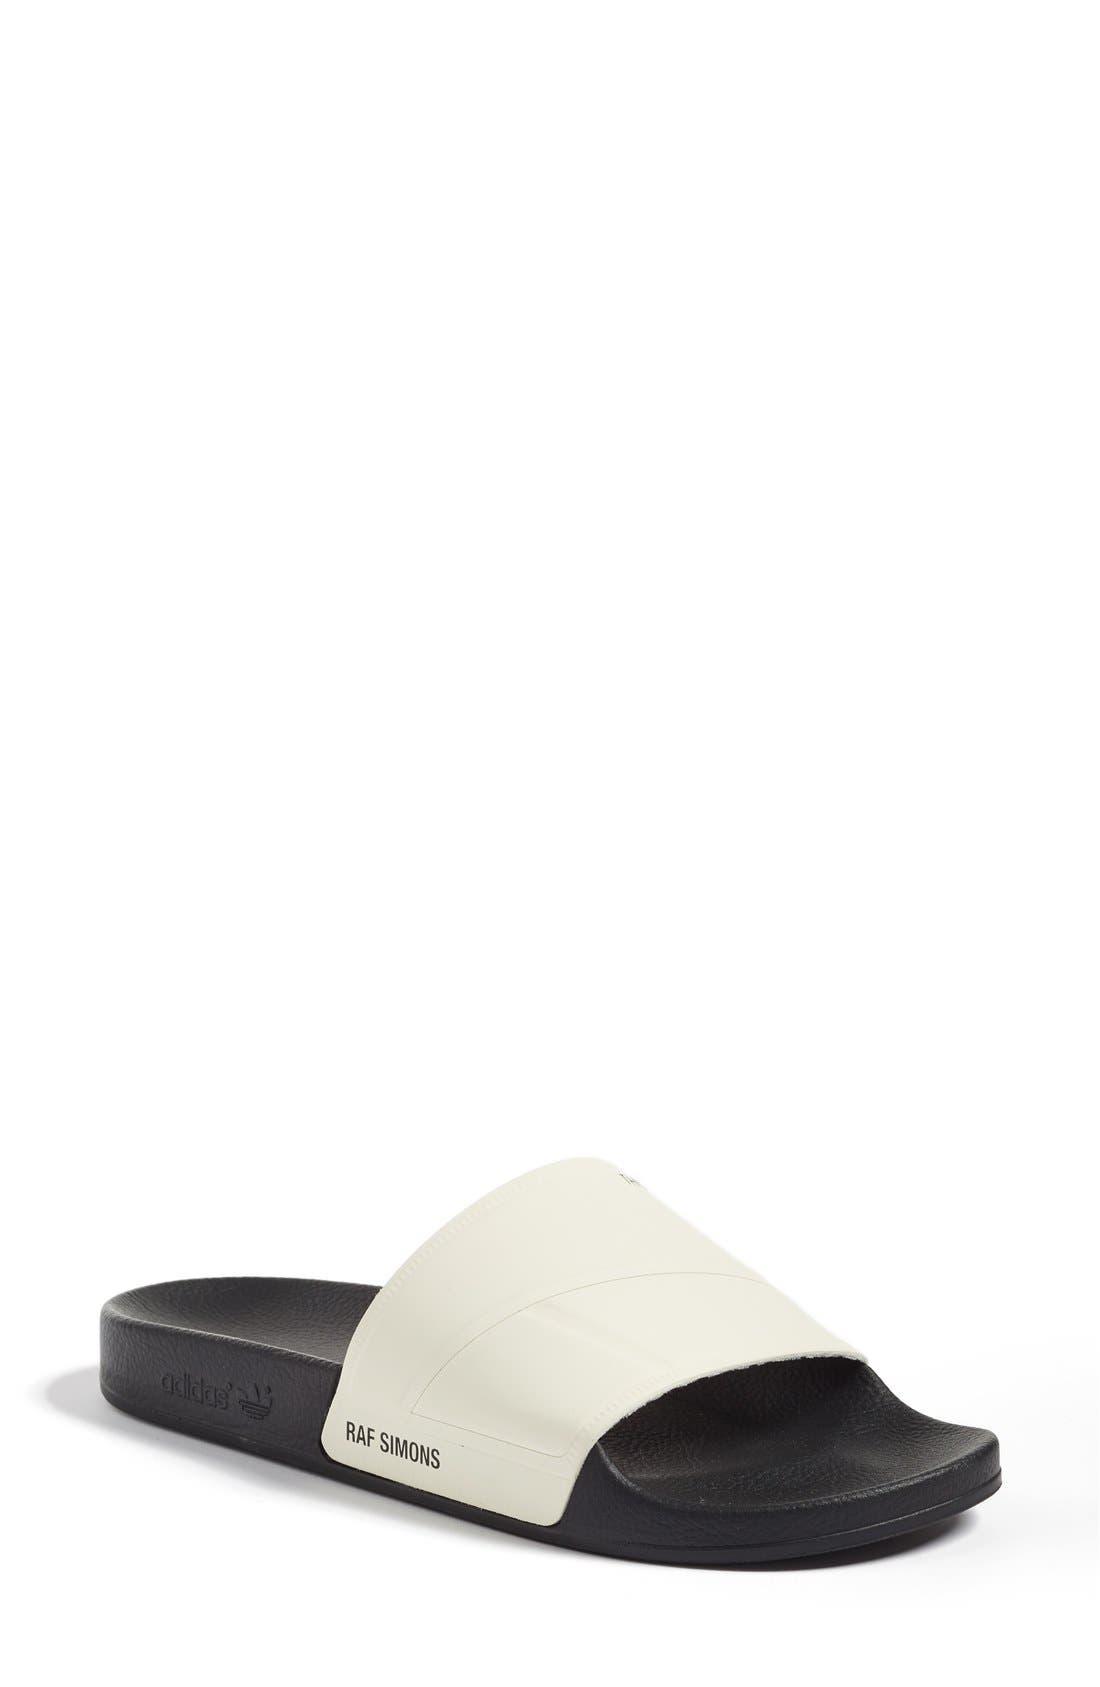 Bunny Adilette Slide Sandal,                         Main,                         color, Cream White